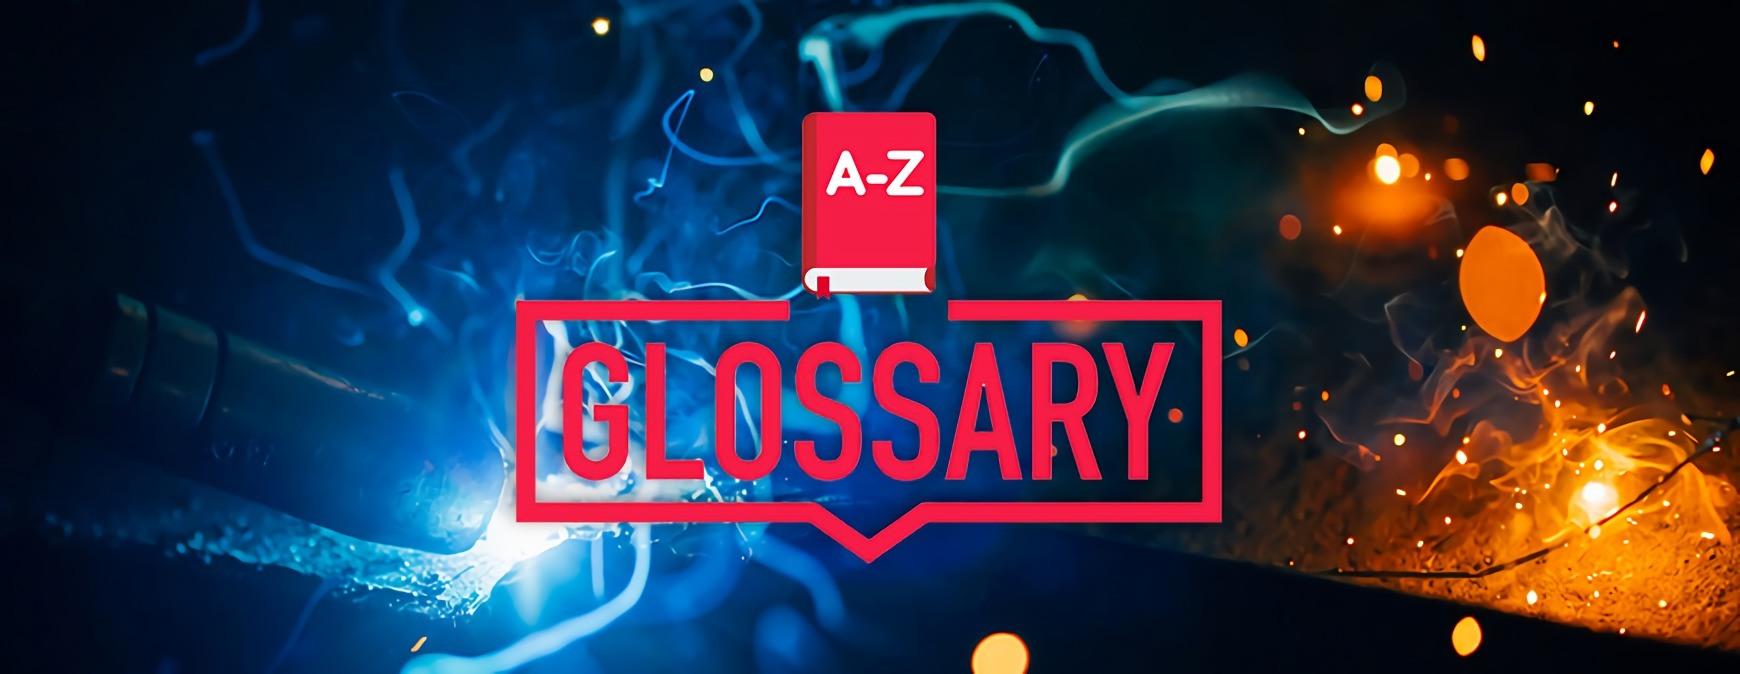 welding glossary